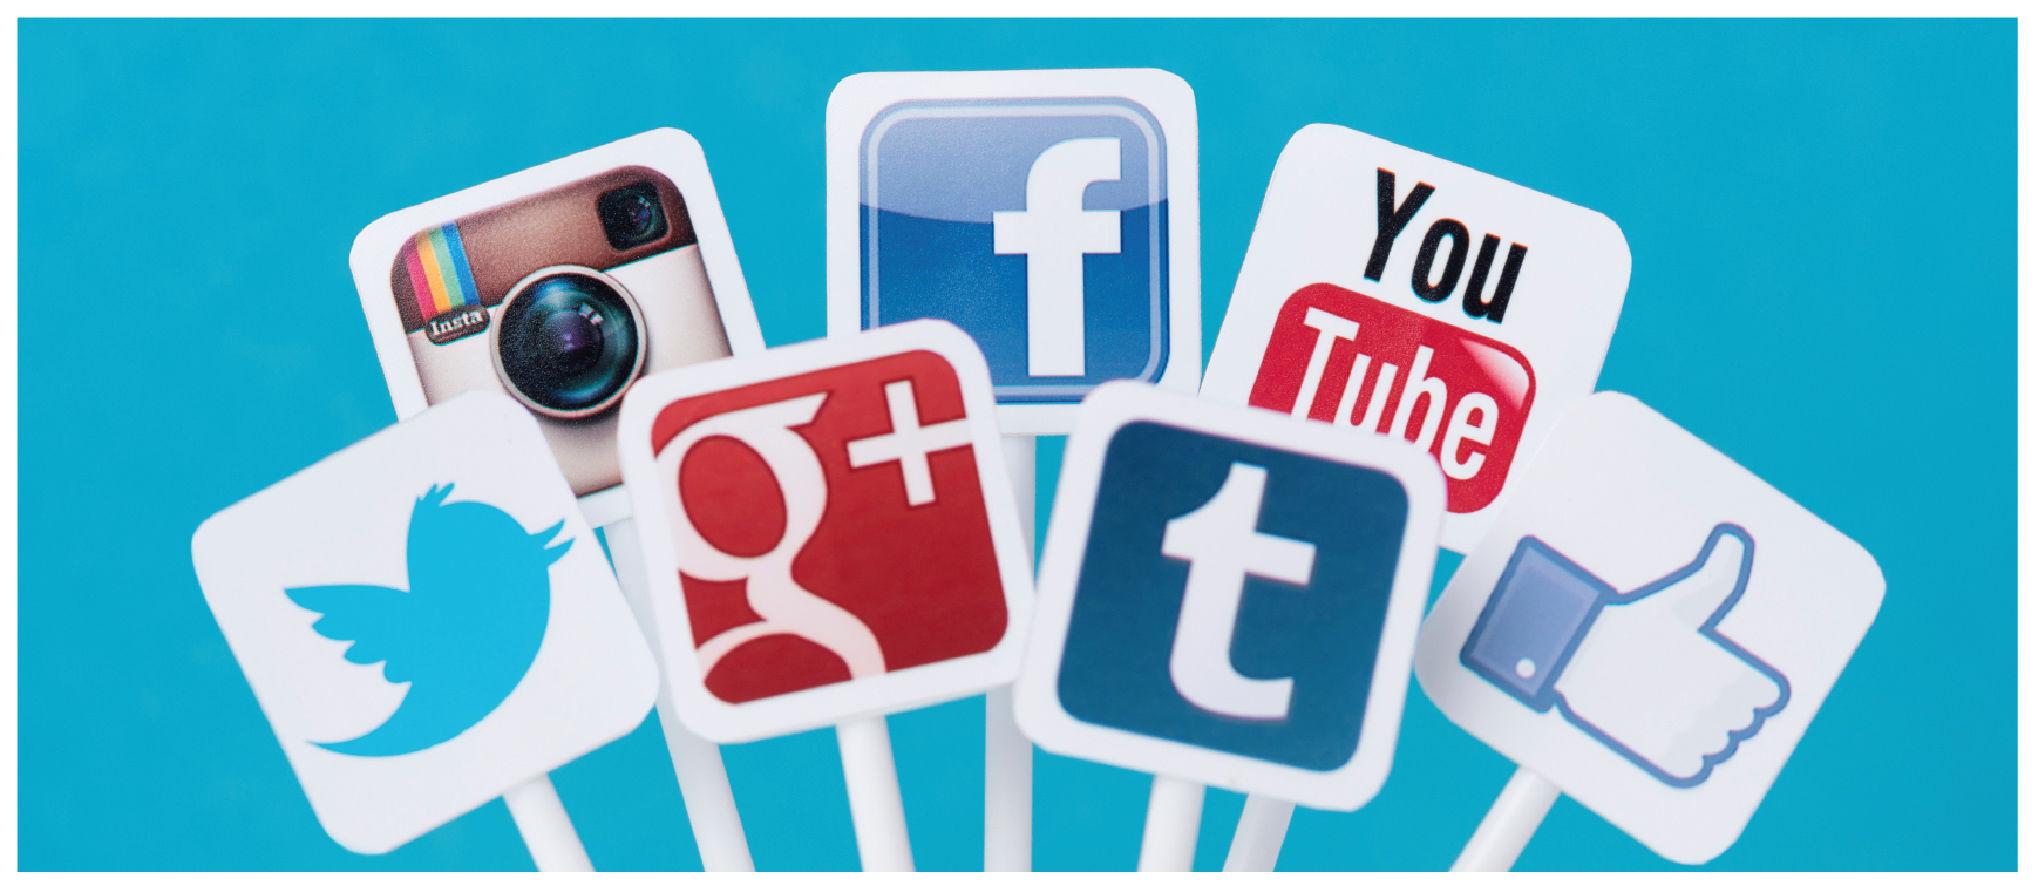 social-media-projar-siguenos-01